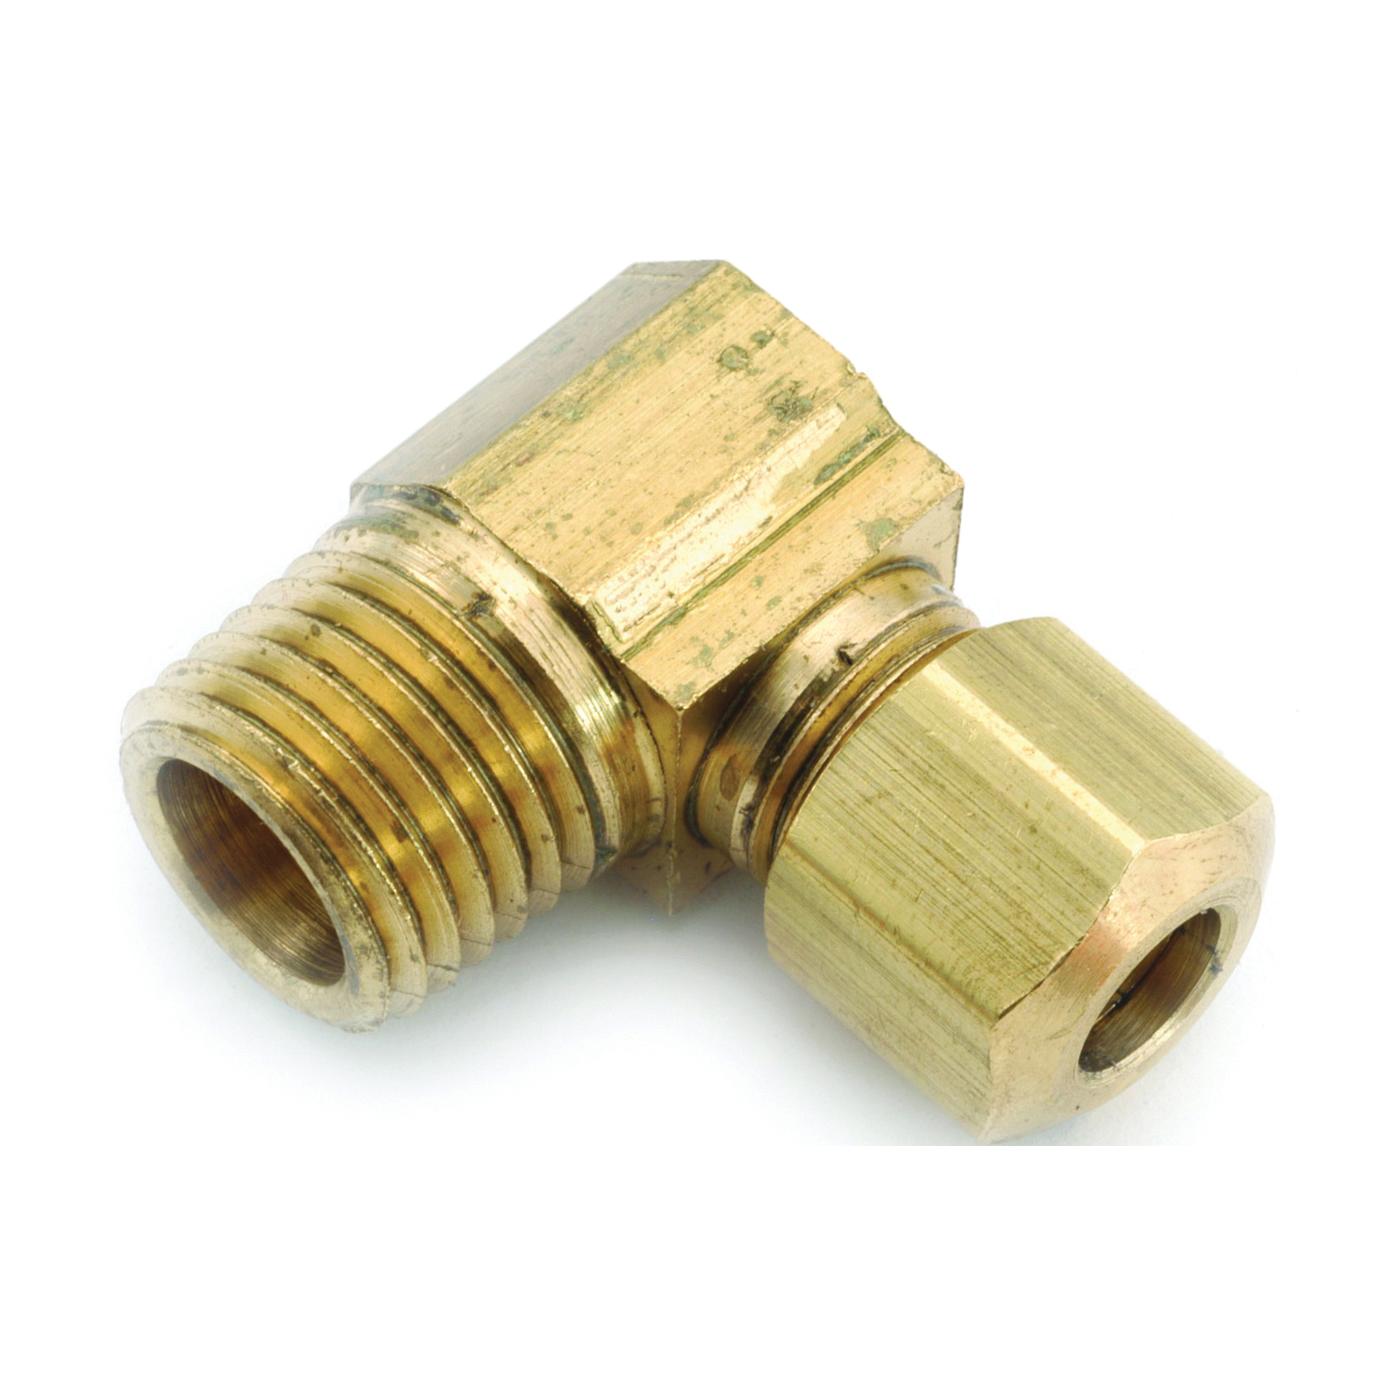 Anderson Metals 750069-0608